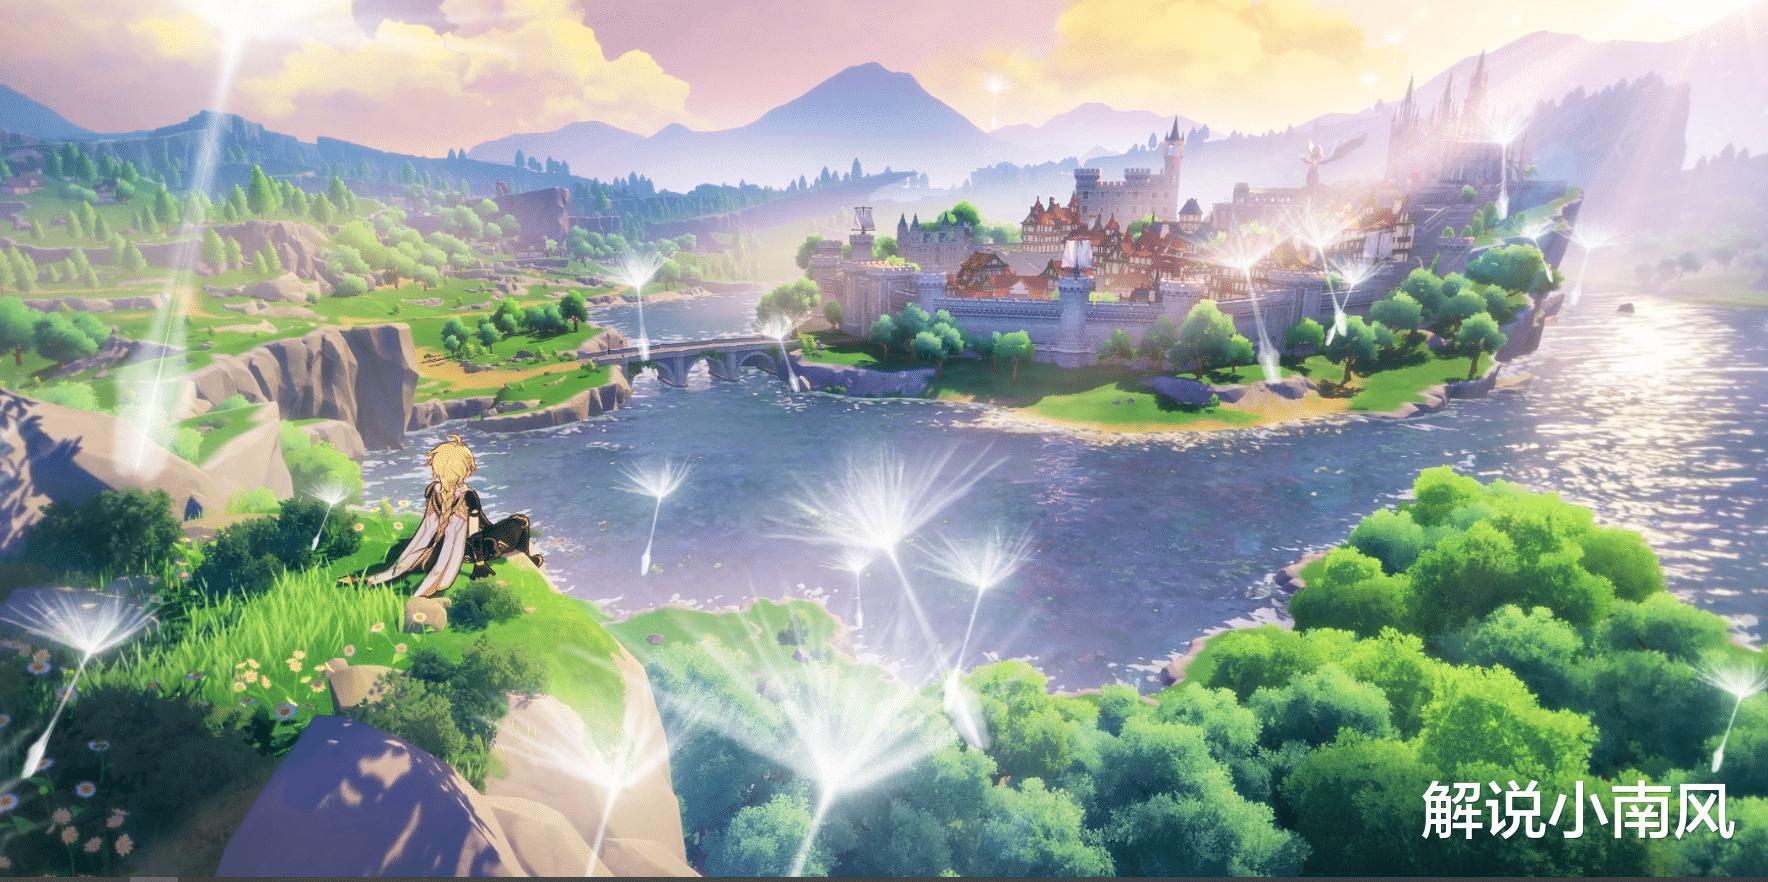 超级马里奥世界2_游戏圈玩家福利!不氪金也能玩的国产大作冒险RPG《原神》上线